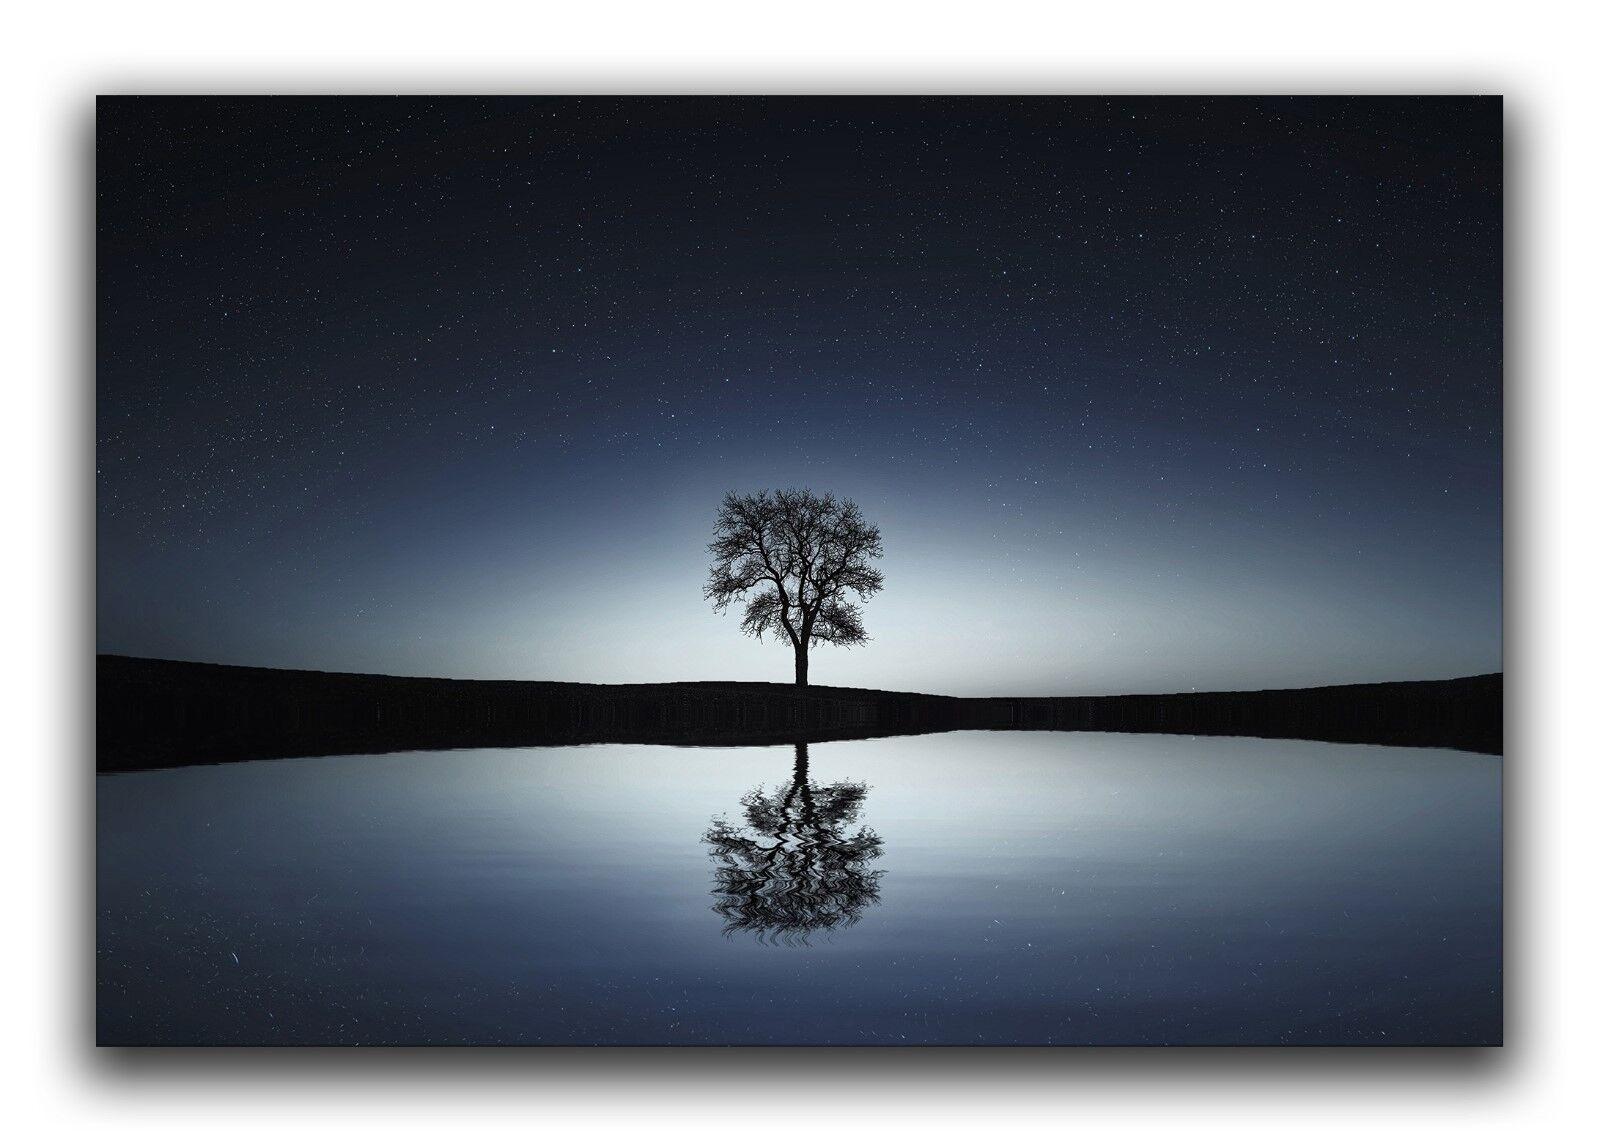 Leinwand Bild Wandbild Keilrahmenbild See Baum Natur